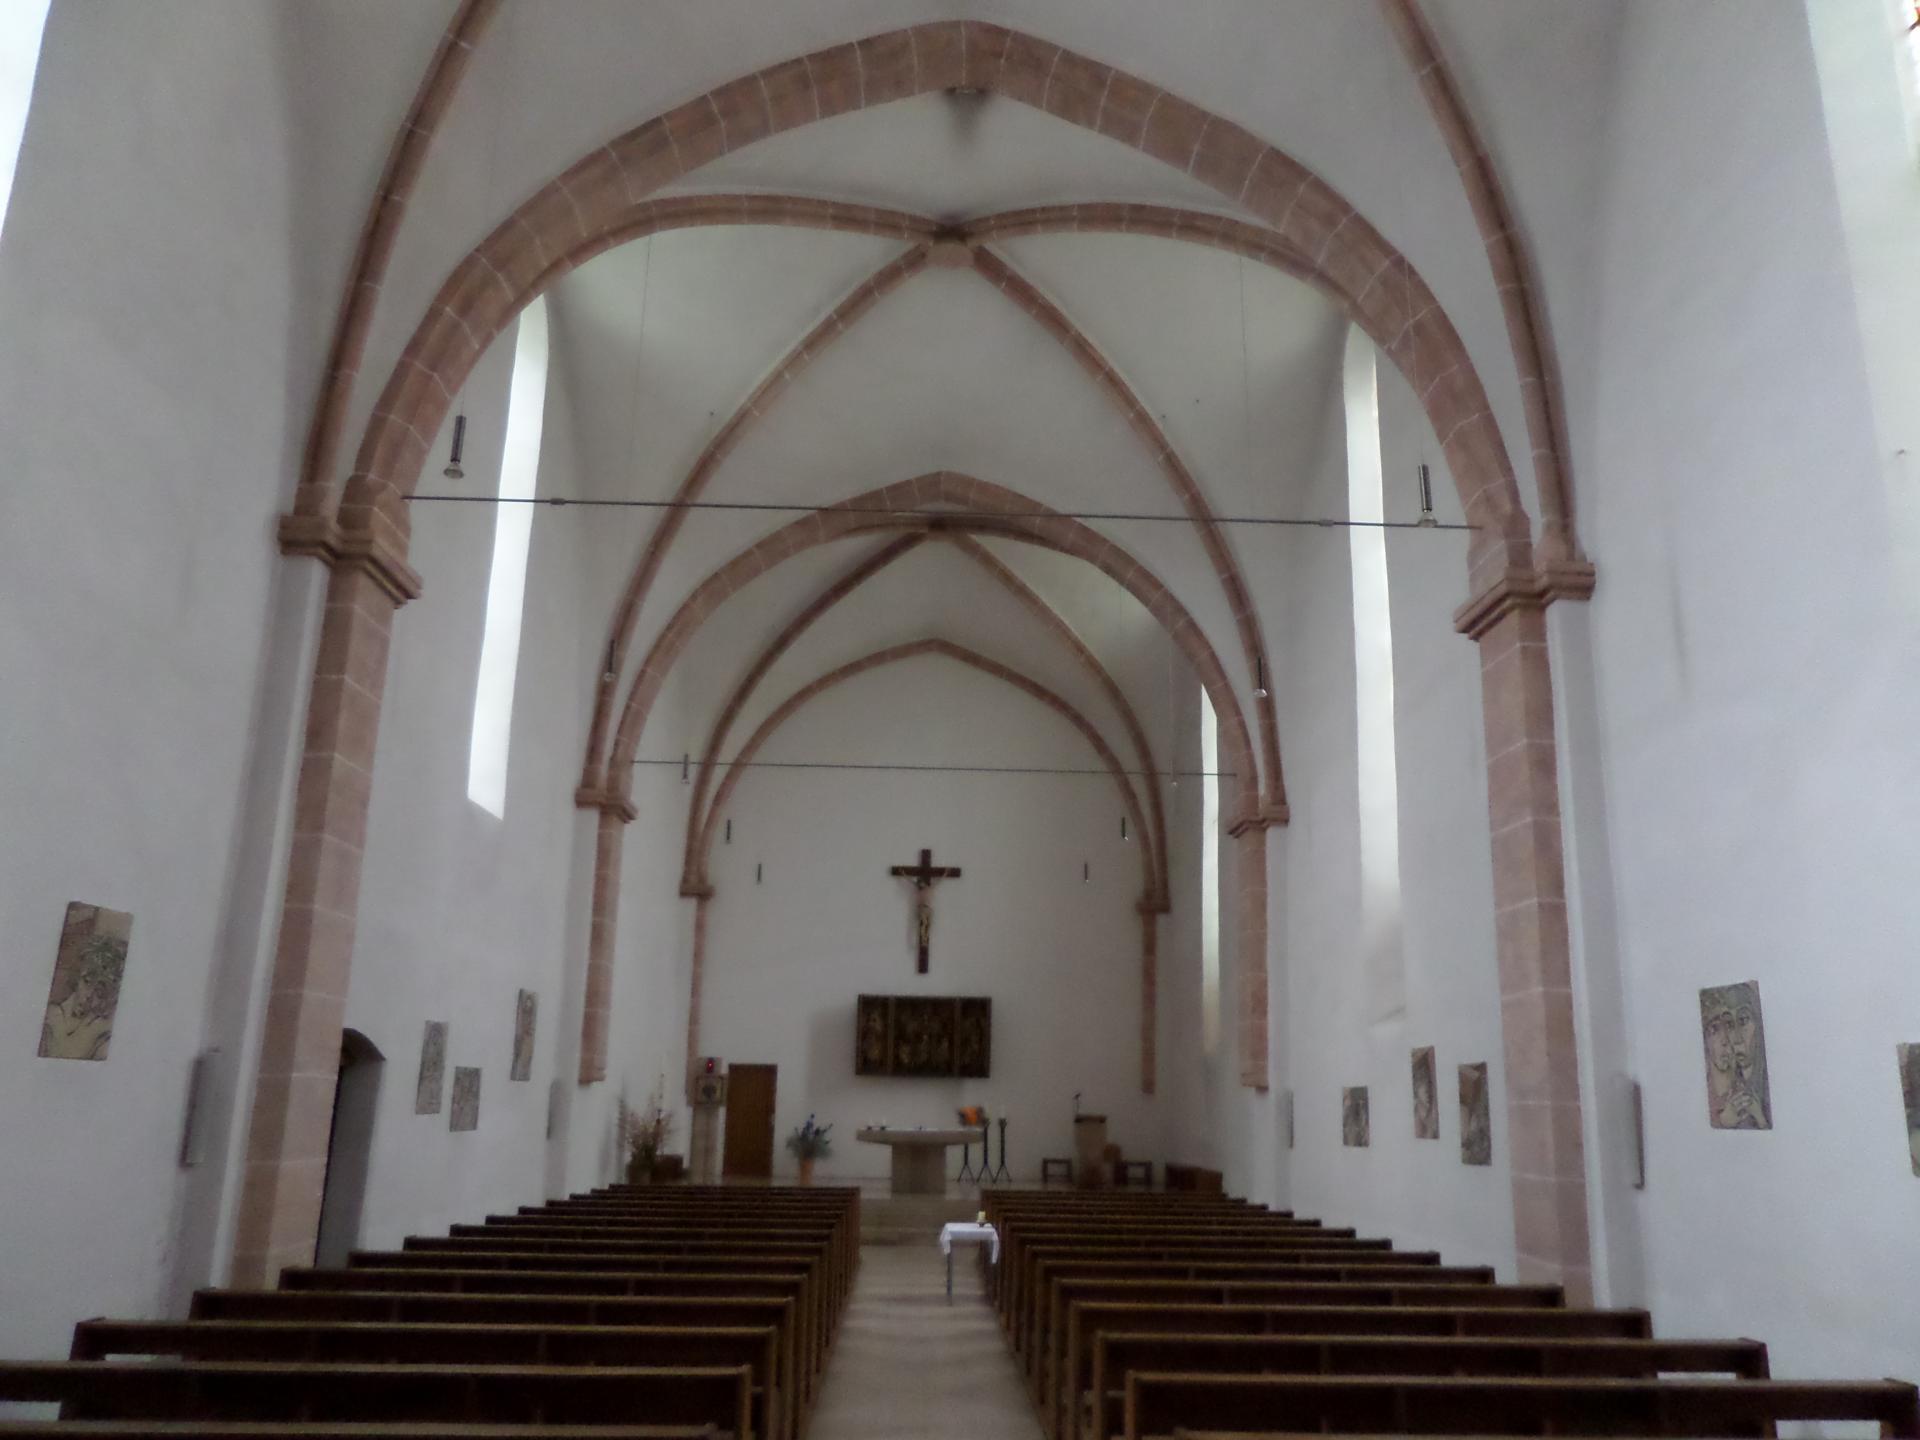 Kirche Aschersleben innen1